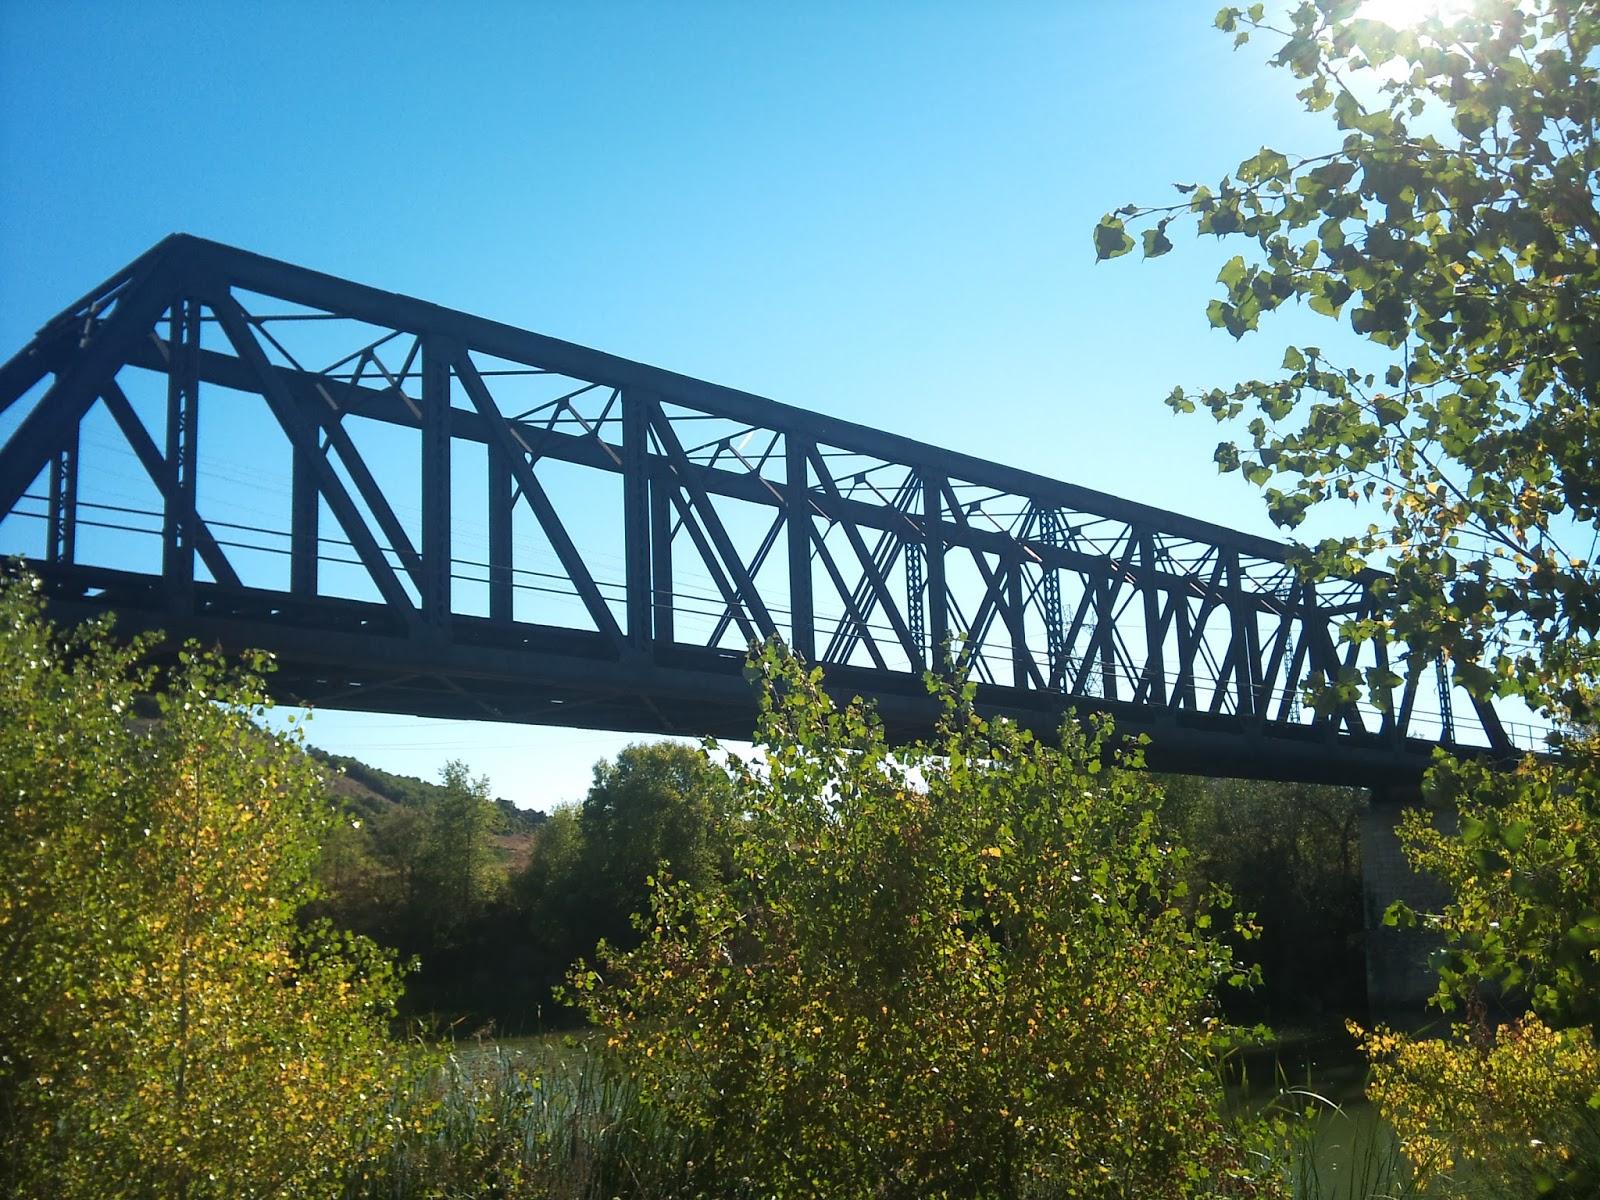 Puente de celosía, tipo Pratt